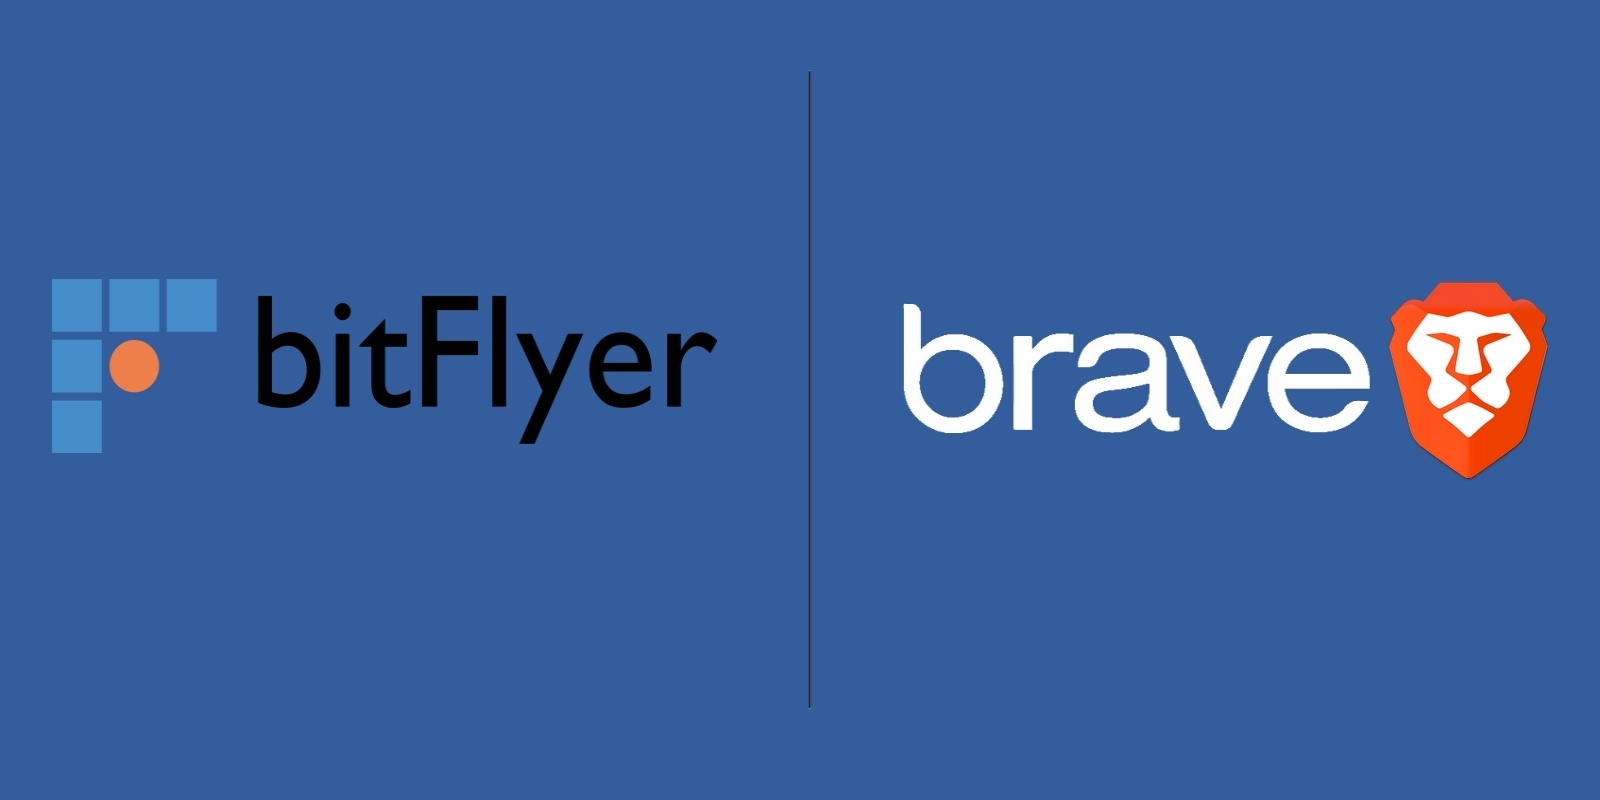 L'exchange BitFlyer signe un partenariat avec Brave